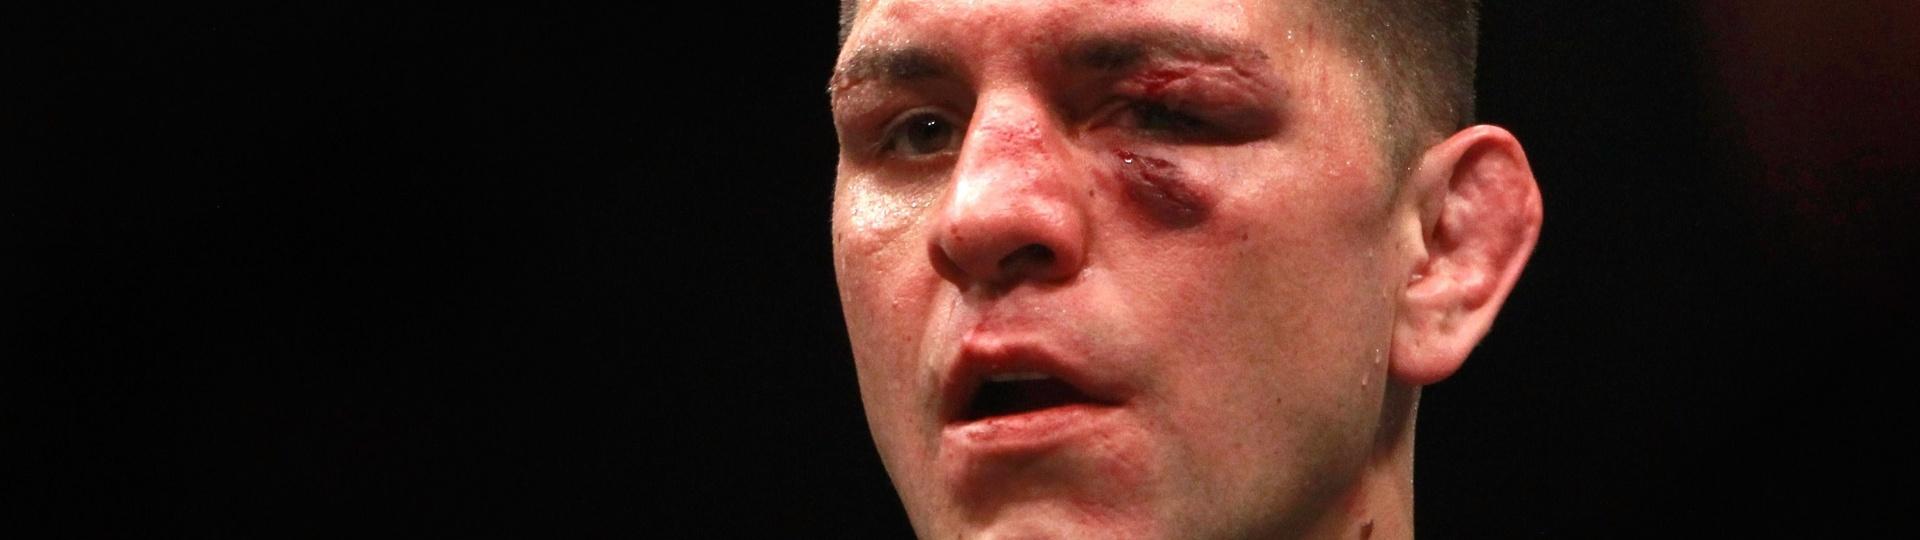 Nick Diaz foi derrotado por Anderson Silva na luta principal do UFC 183 e deixou o octógono com o rosto machucado